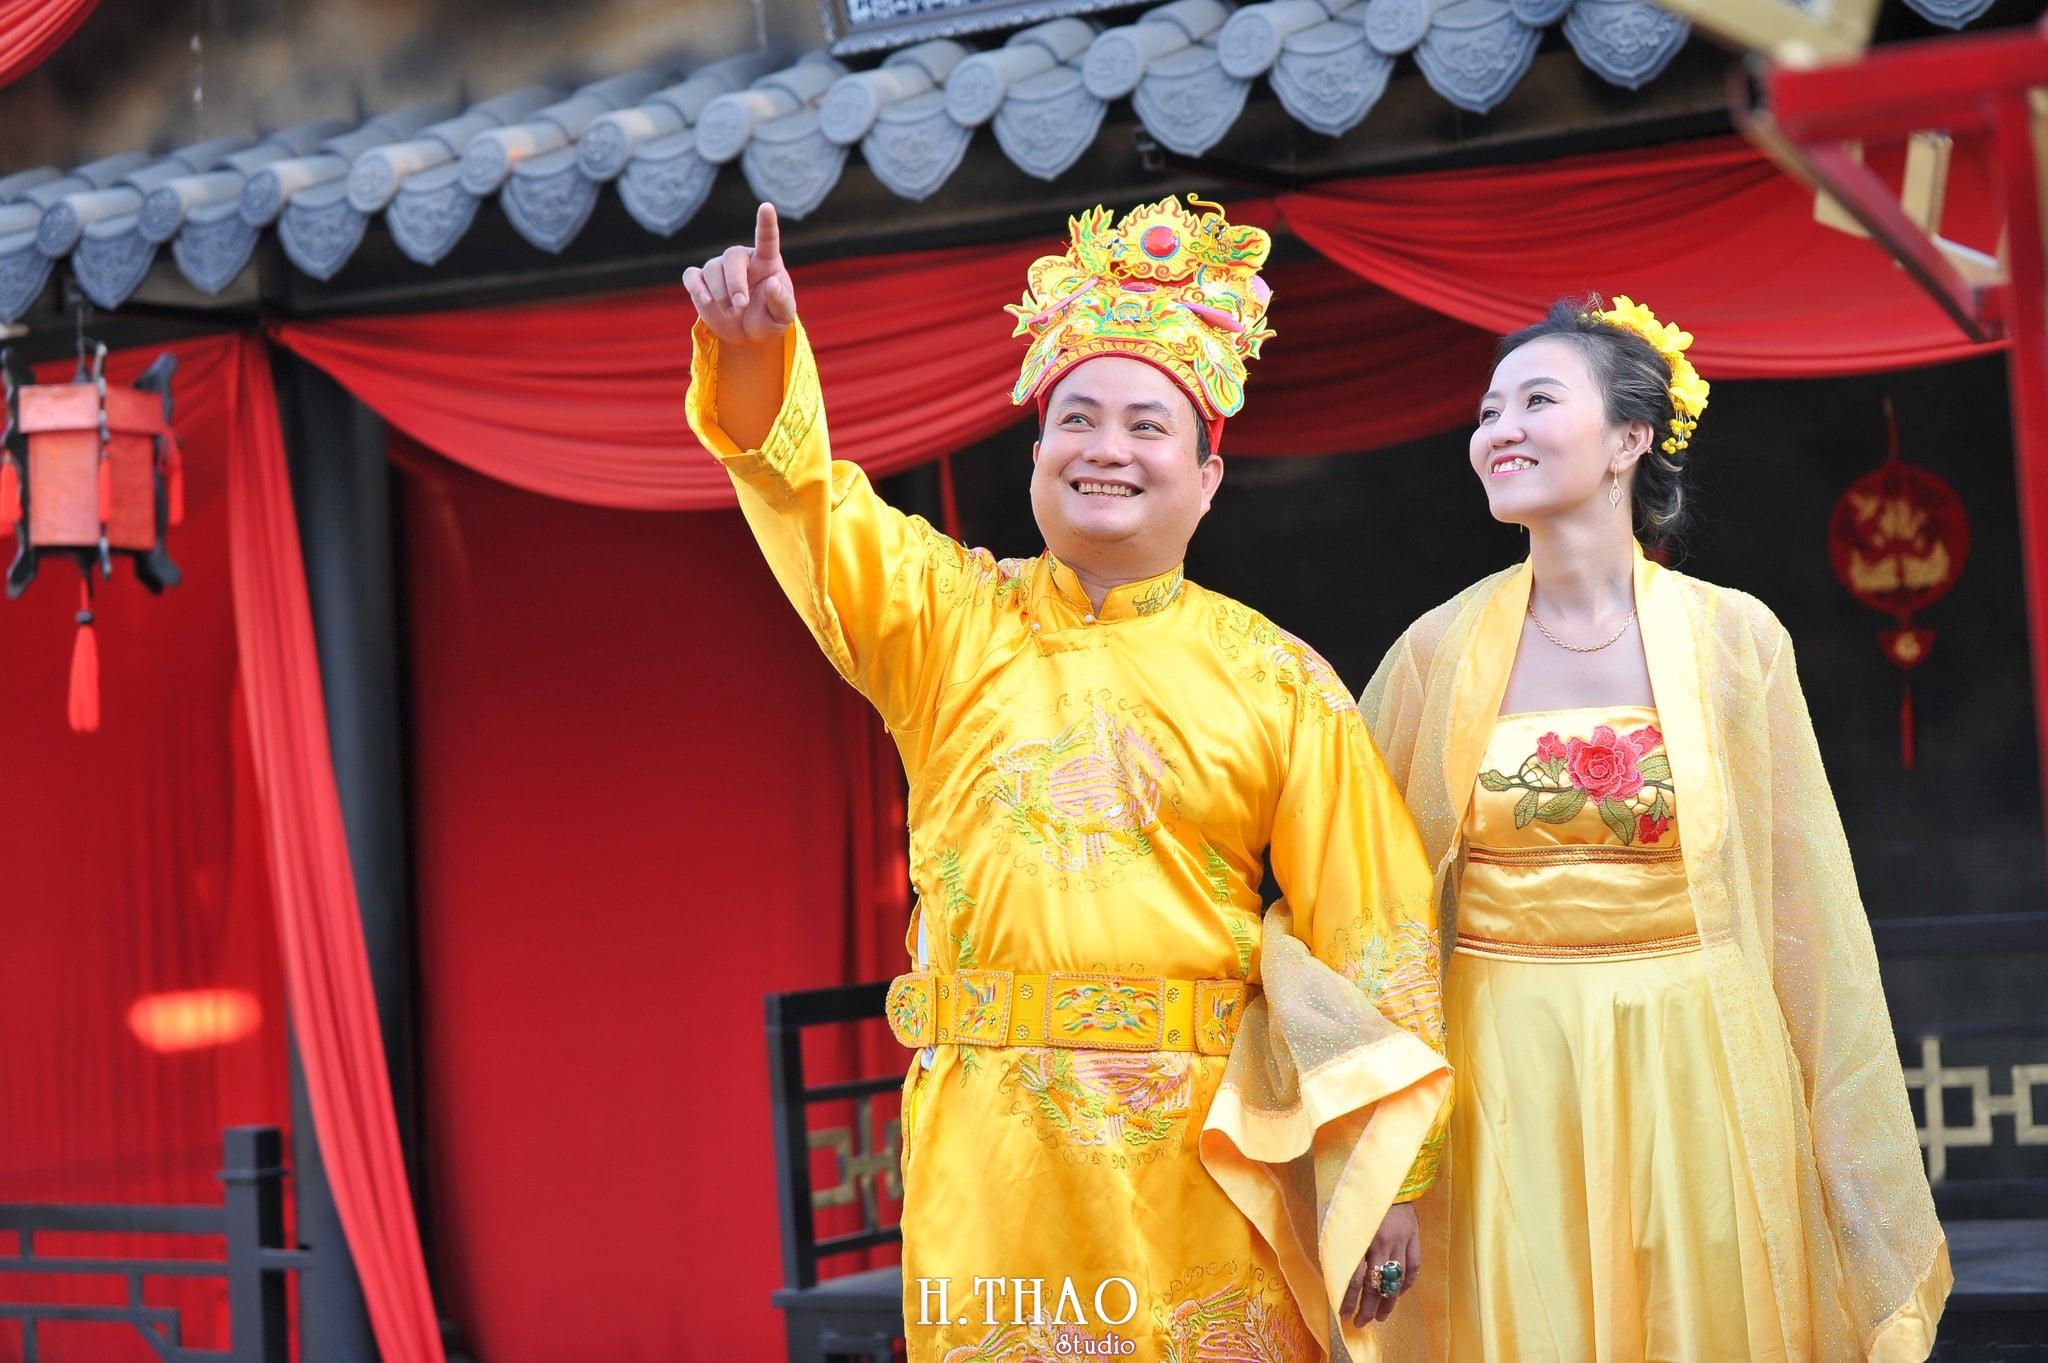 Anh co trang vua va hoang hau 11 - Bộ ảnh couple chụp theo phong cách cổ trang Vua - Hoàng Hậu